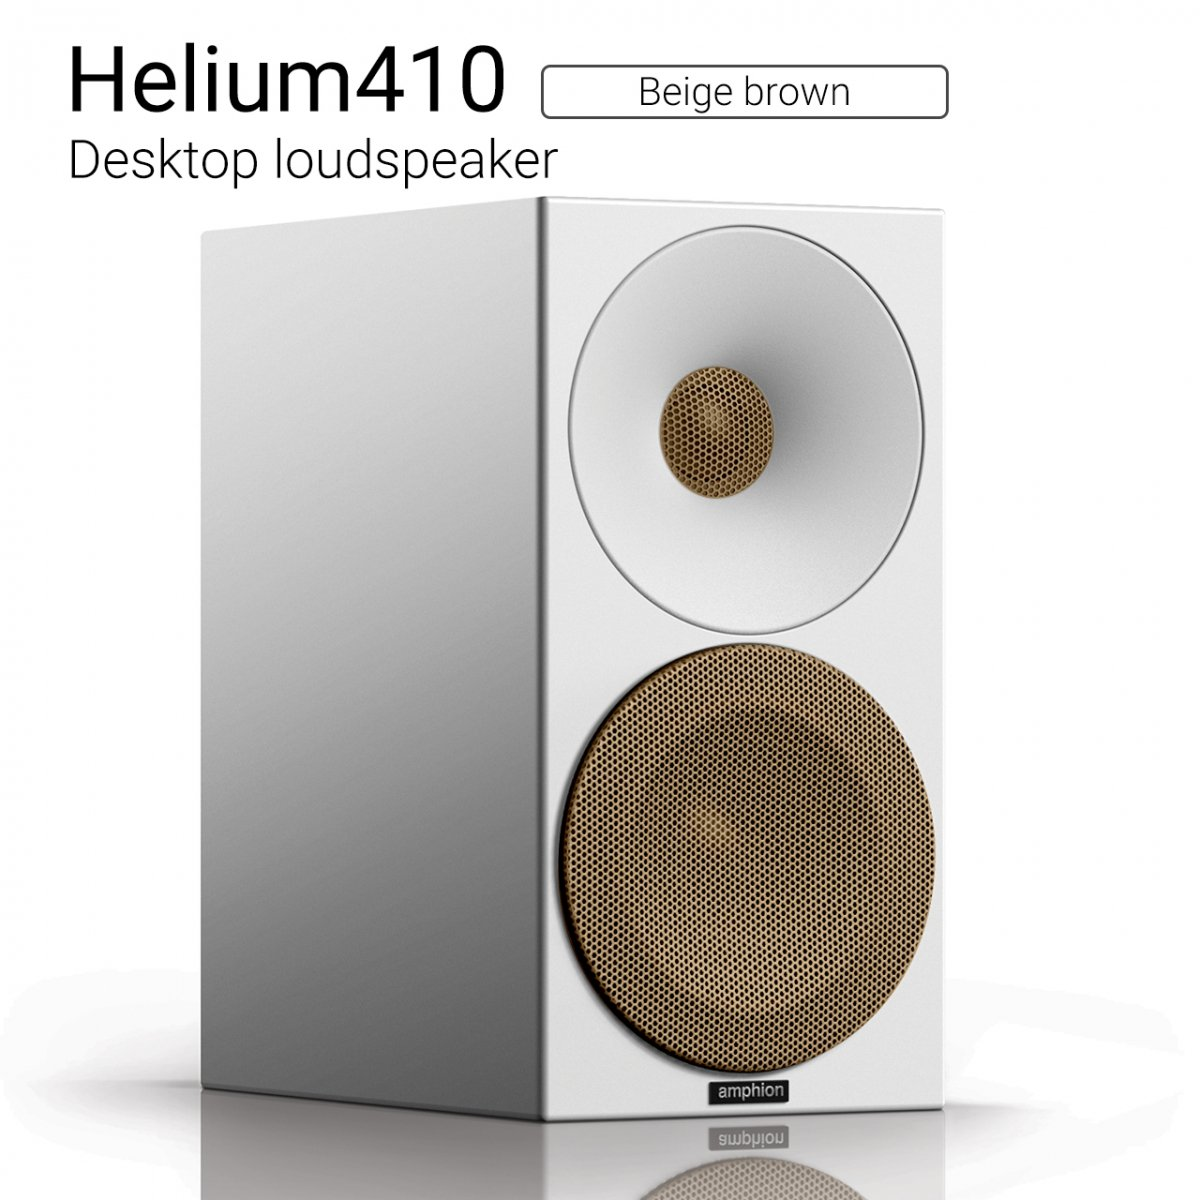 【クーポンでお得!】Helium410 (Beige brown) Desktop loudspeaker【ペア】